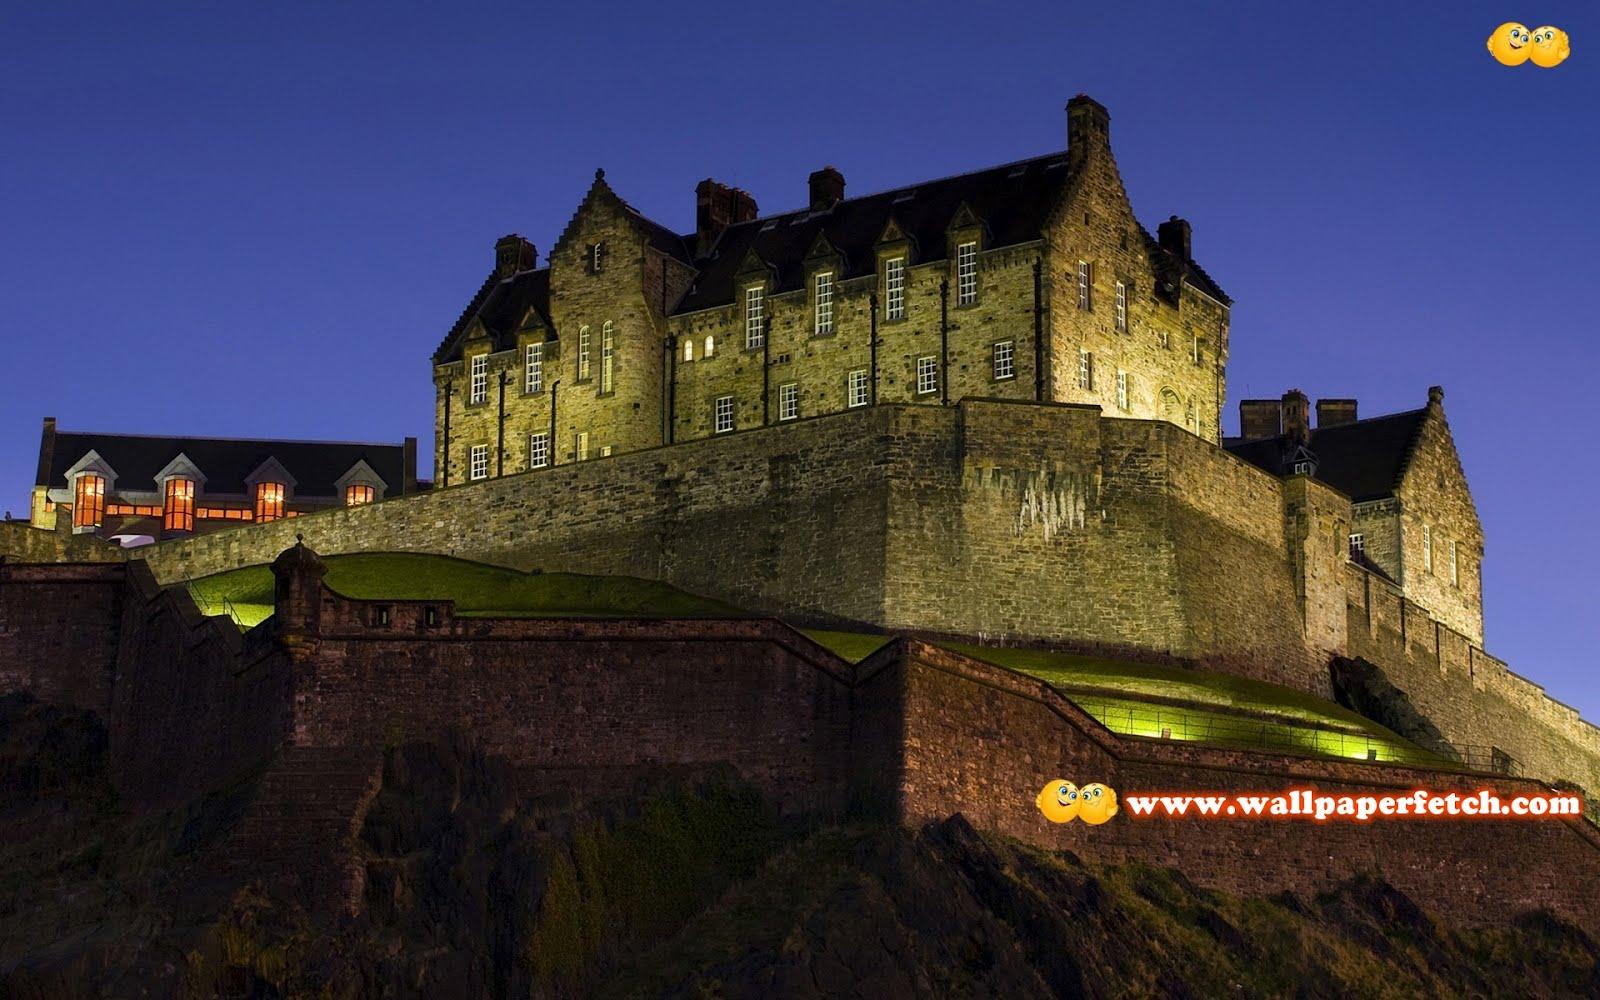 http://4.bp.blogspot.com/-2K5Qbw8jjgA/T1S8_dj0IjI/AAAAAAAAODE/GwtJRMY5EmE/s1600/edinburgh-castle-10833-1920x1200.jpg